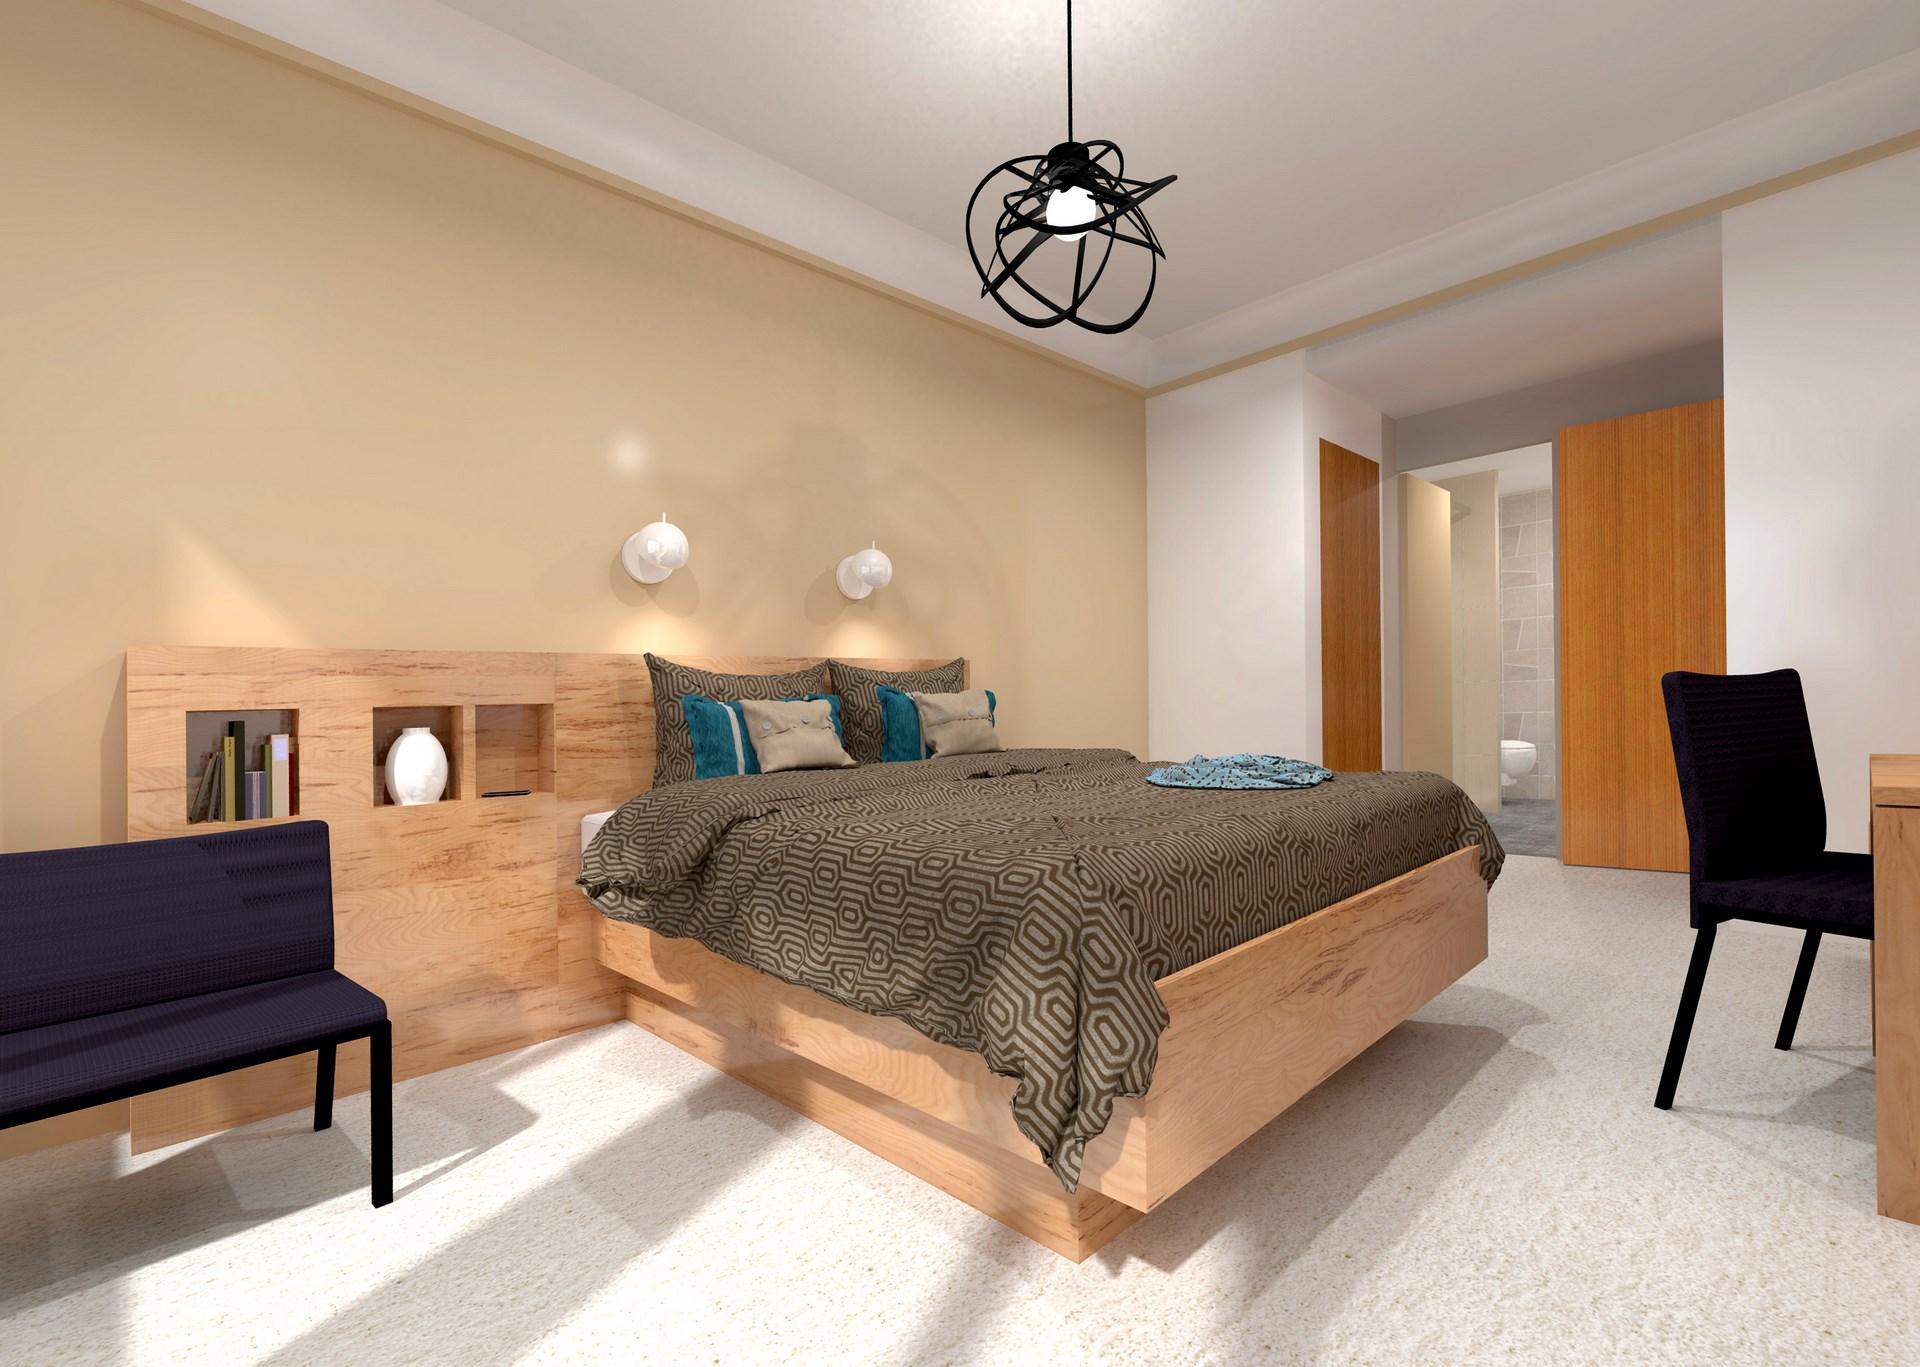 concept hotel chambre tete de lit 4 etoile agence avous